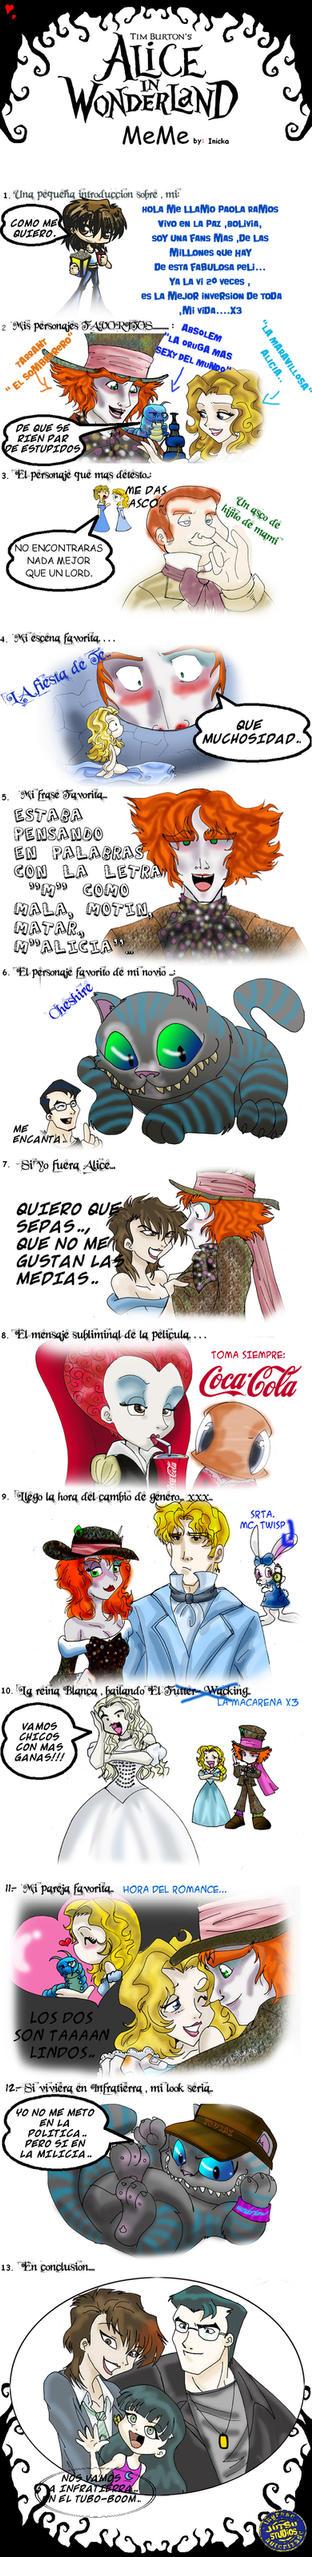 AIW MEME en spanish tambien by kei111